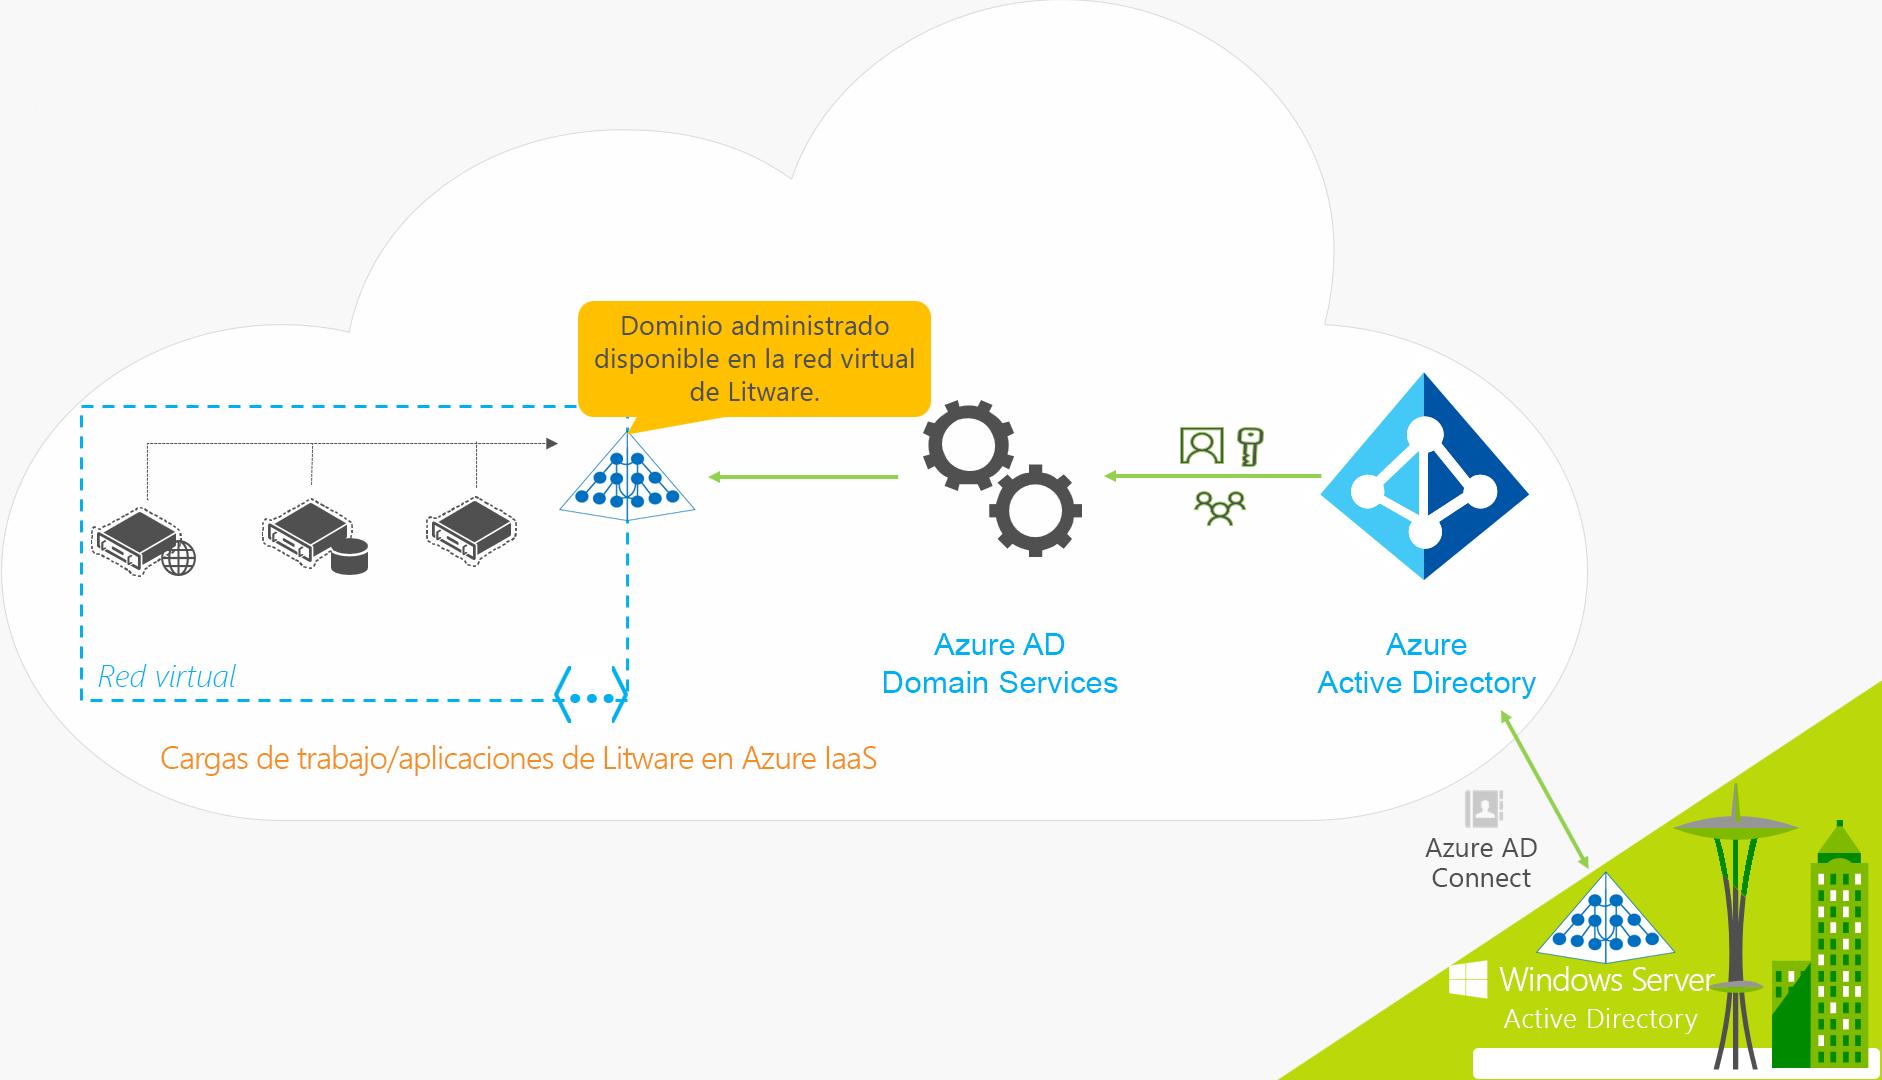 AzureActive Directory DomainServices para una organización híbrida que incluye sincronización en el entorno local